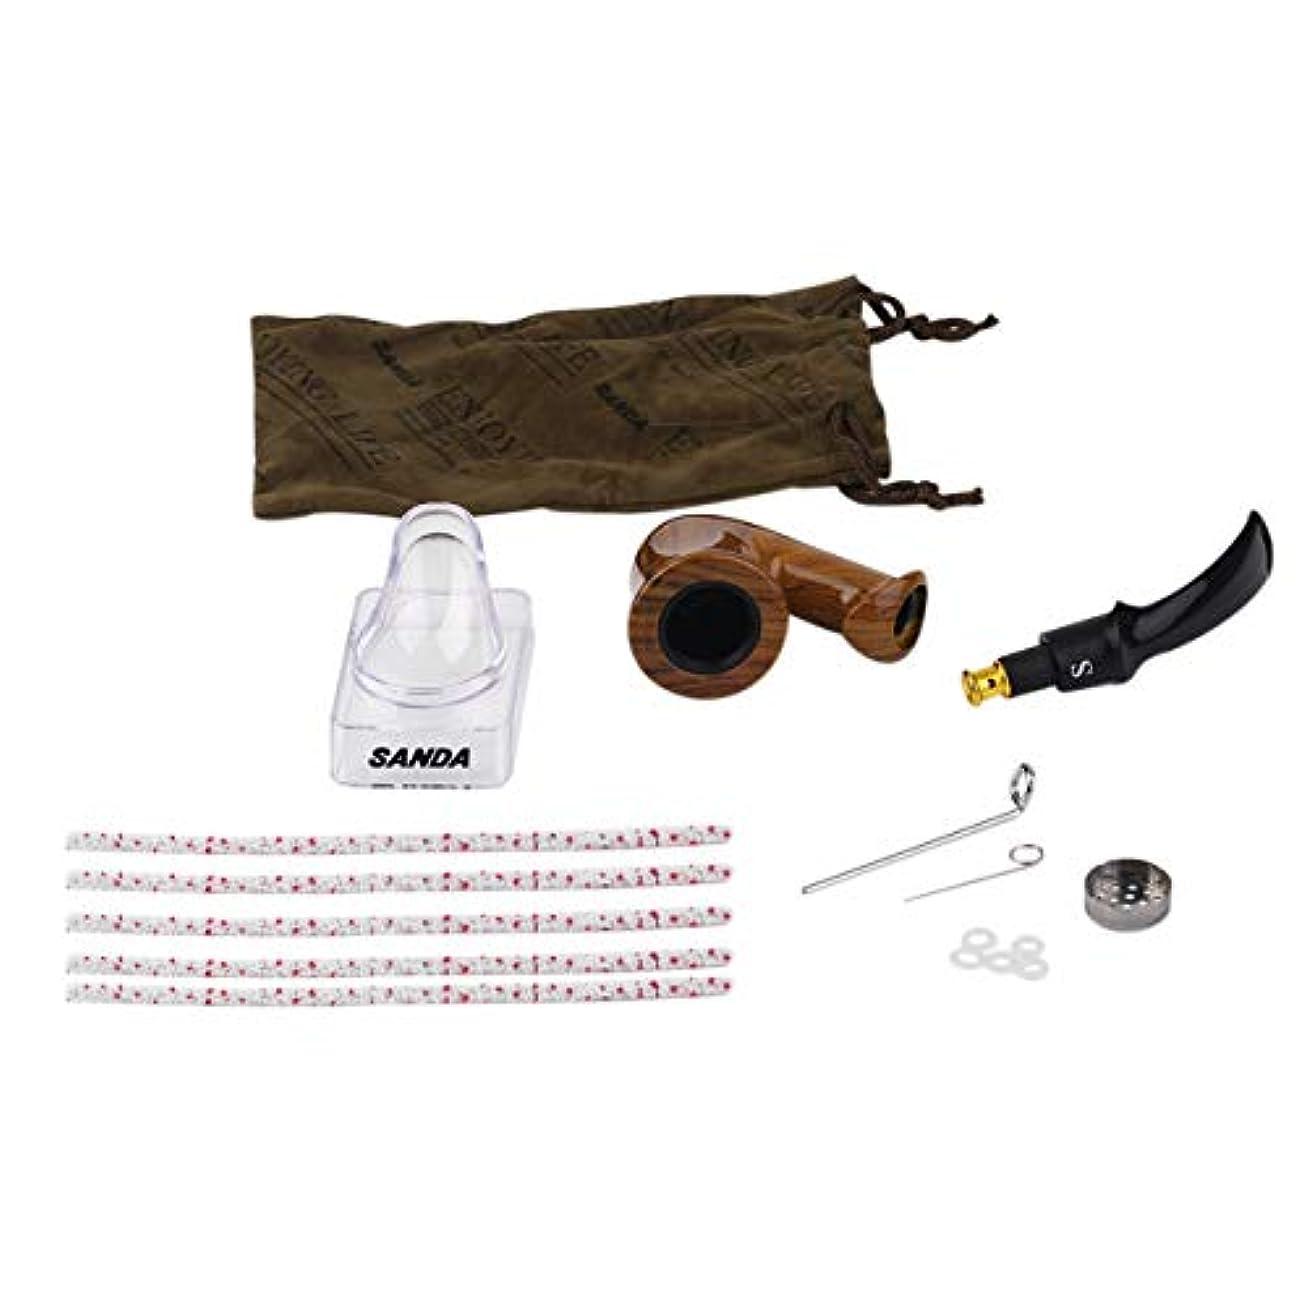 マウント本体相談Saikogoods 耐久性のある喫煙パイプ木製パイプ煙喫煙木製の喫煙パイプの雑草パイプ男性のための最高の贈り物2色 褐色